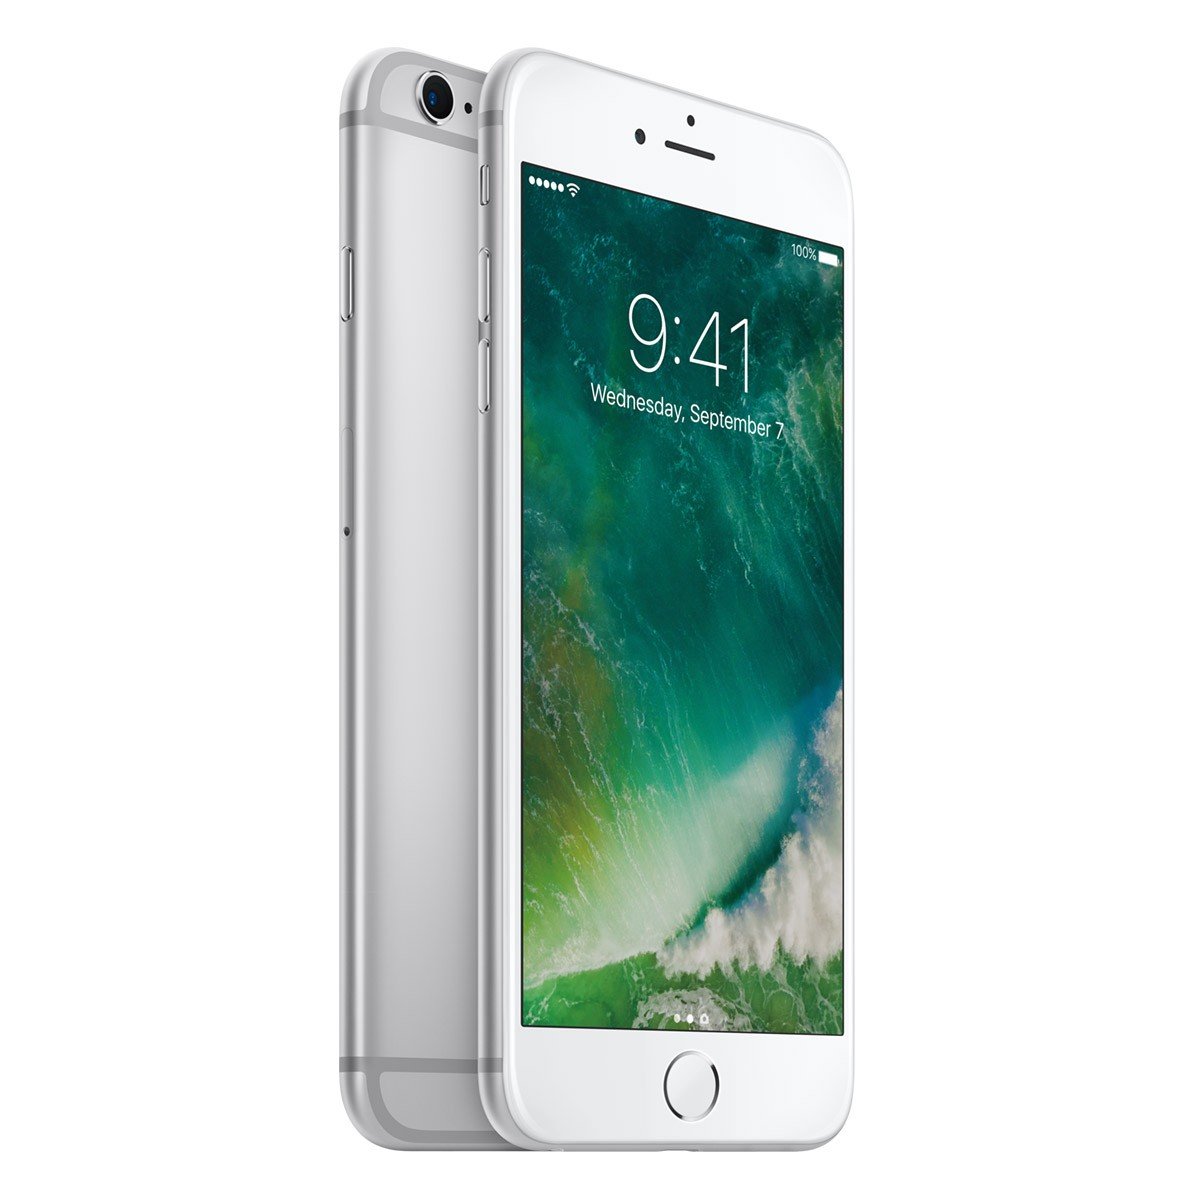 Apple iPhone 6s Plus 64GB - Silver (servisovaný, nepoužitý, záruka a odpovědnost z vad 12 měsíců u iSTYLE)